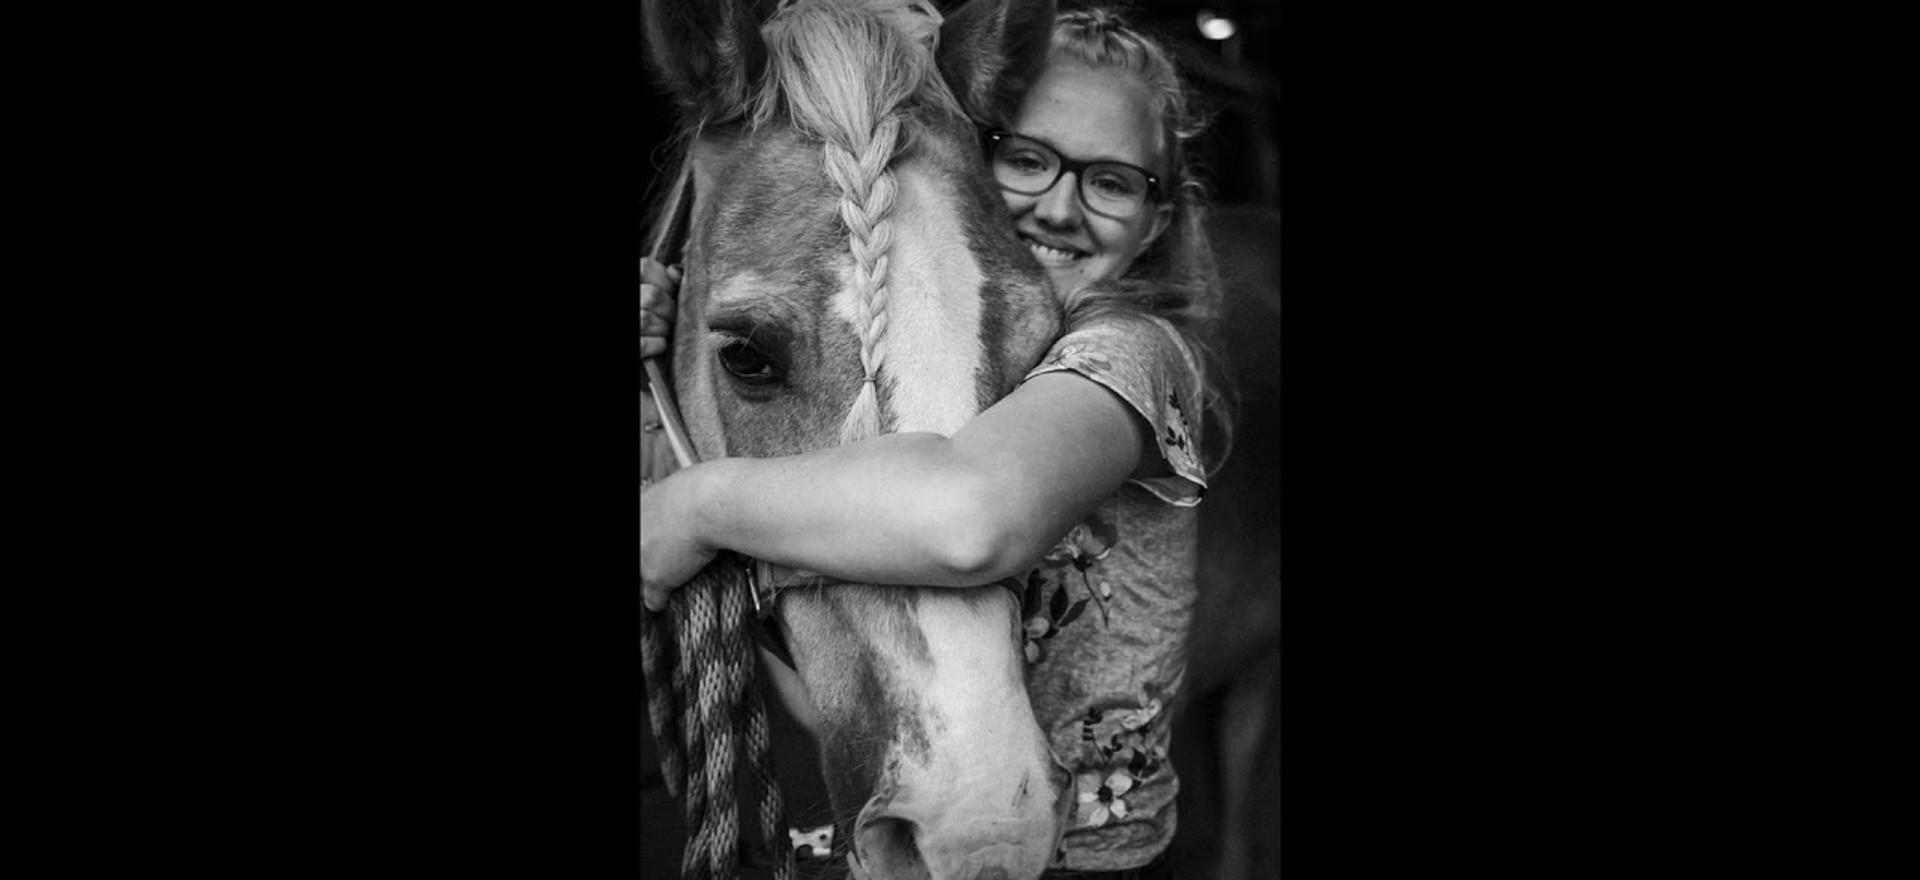 Rider Interview: Courtney's Journey